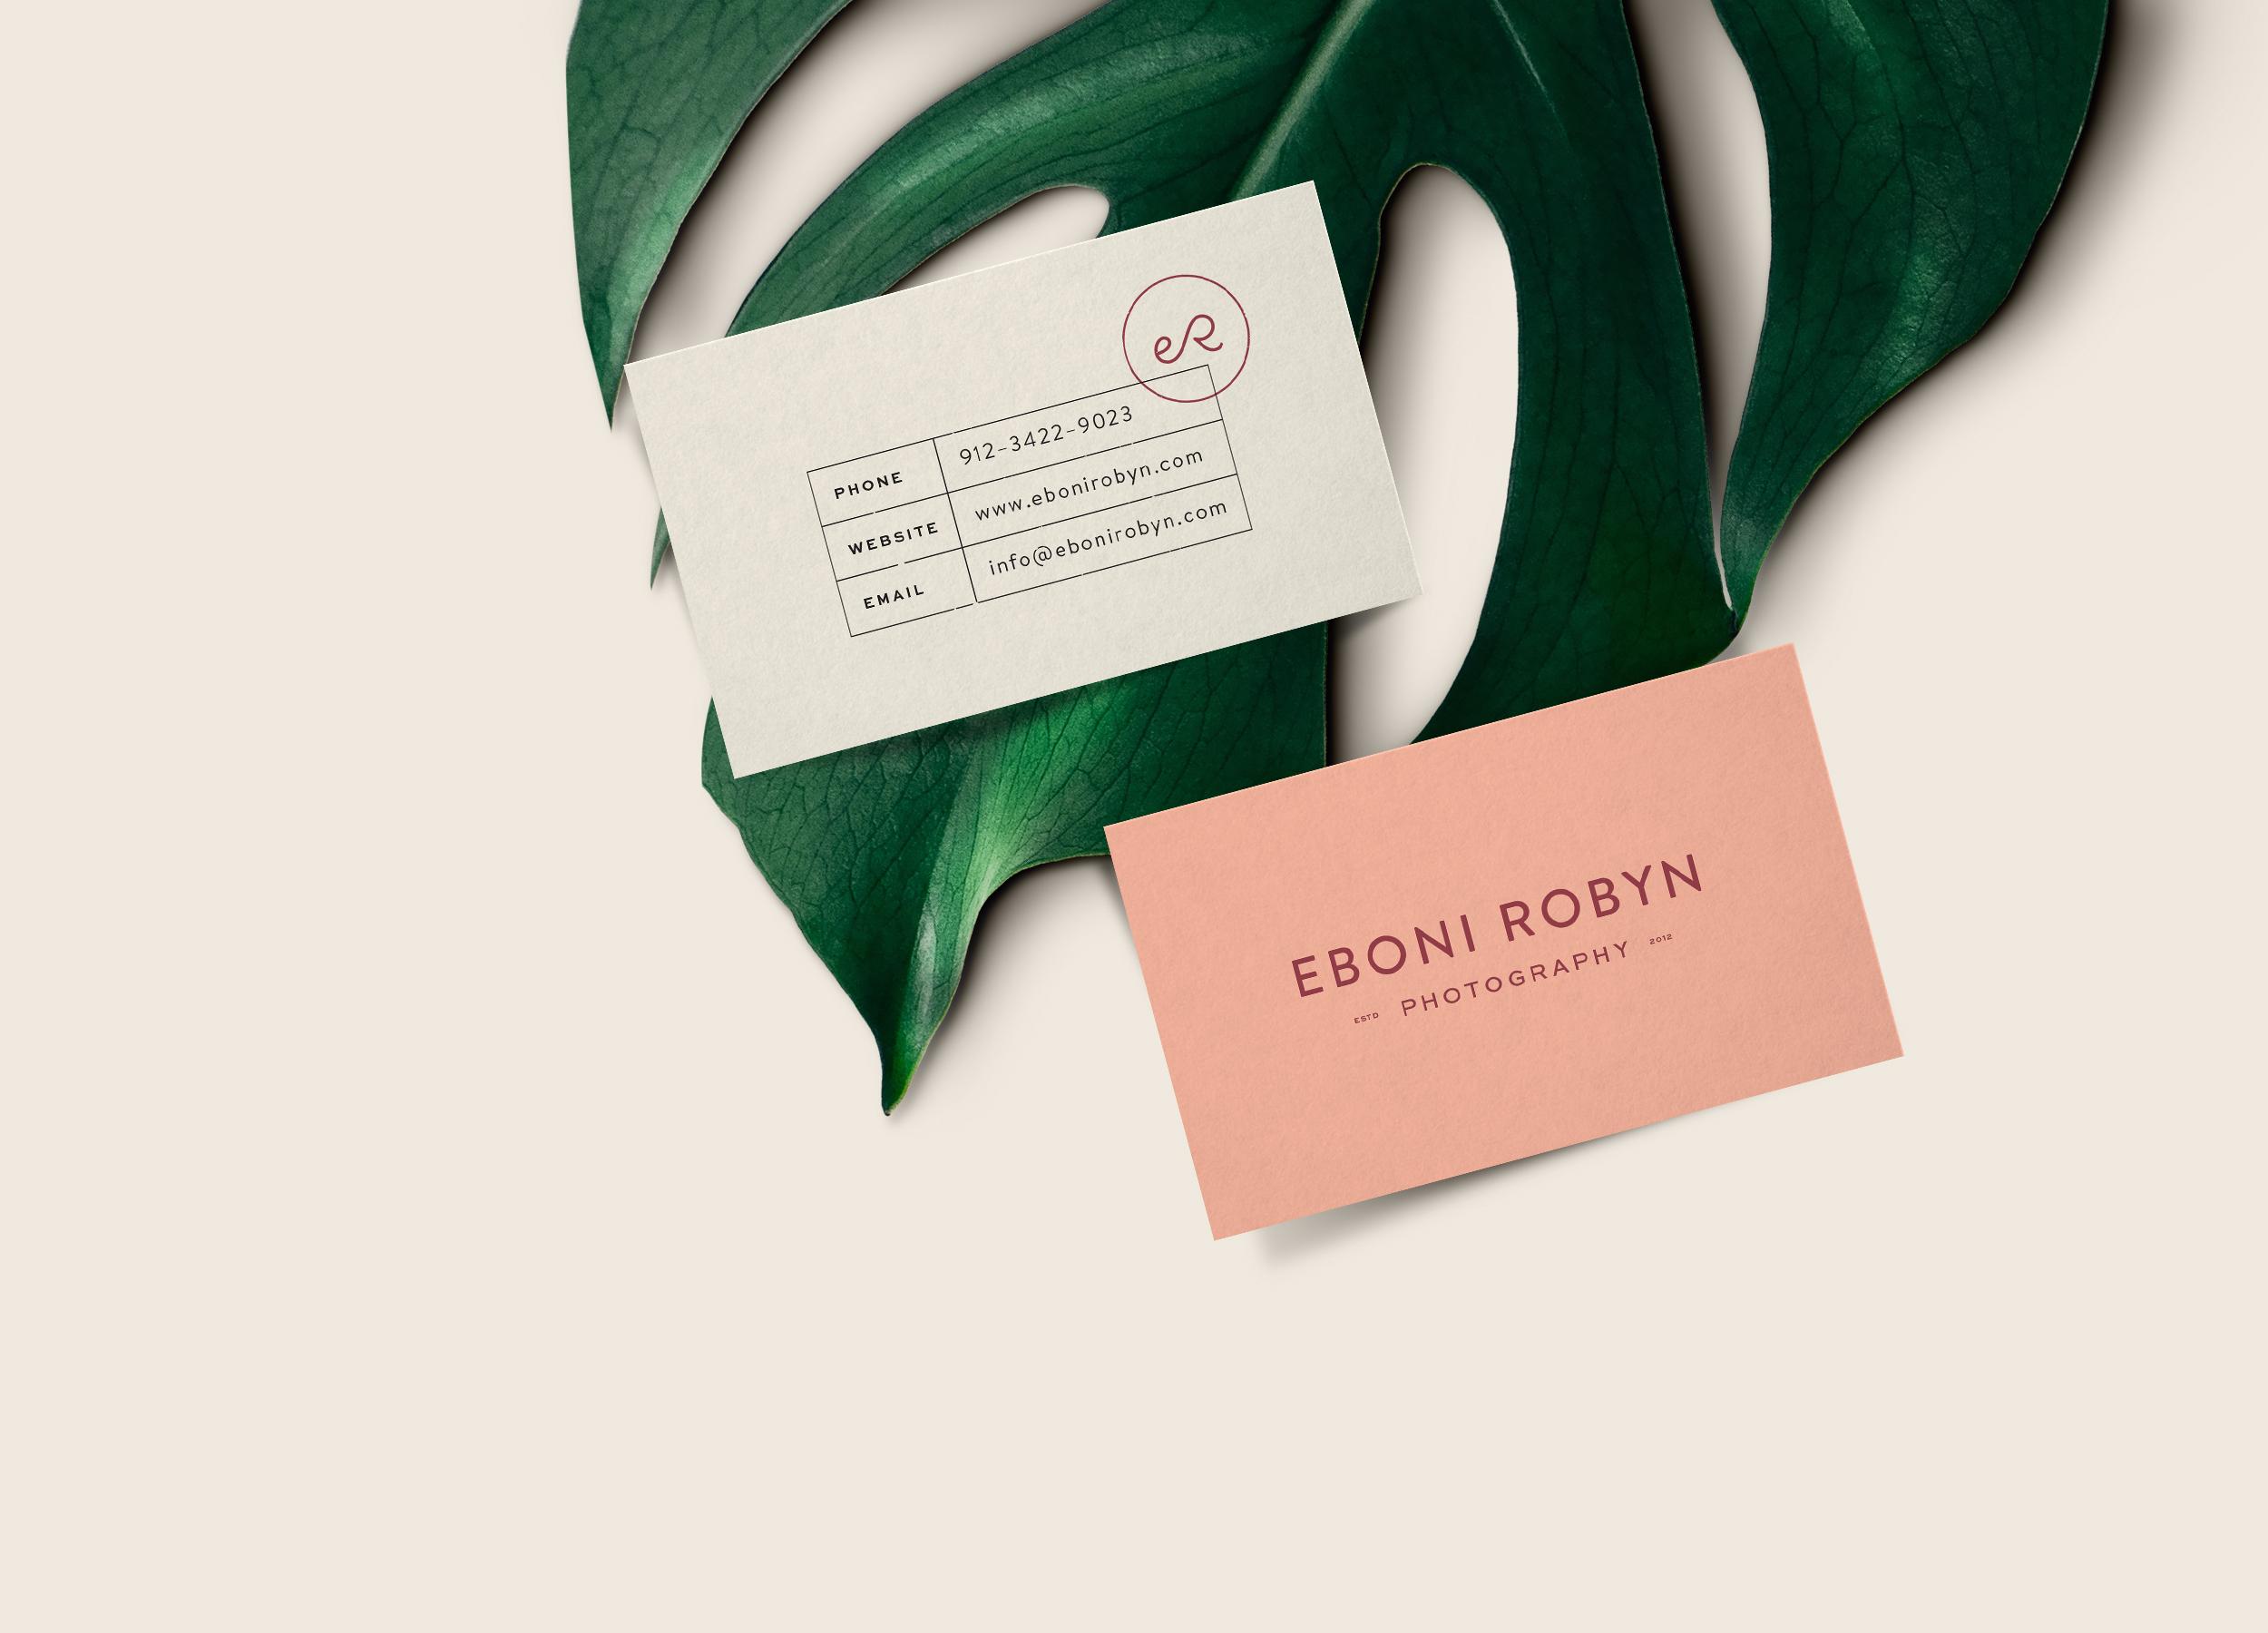 ER Cards